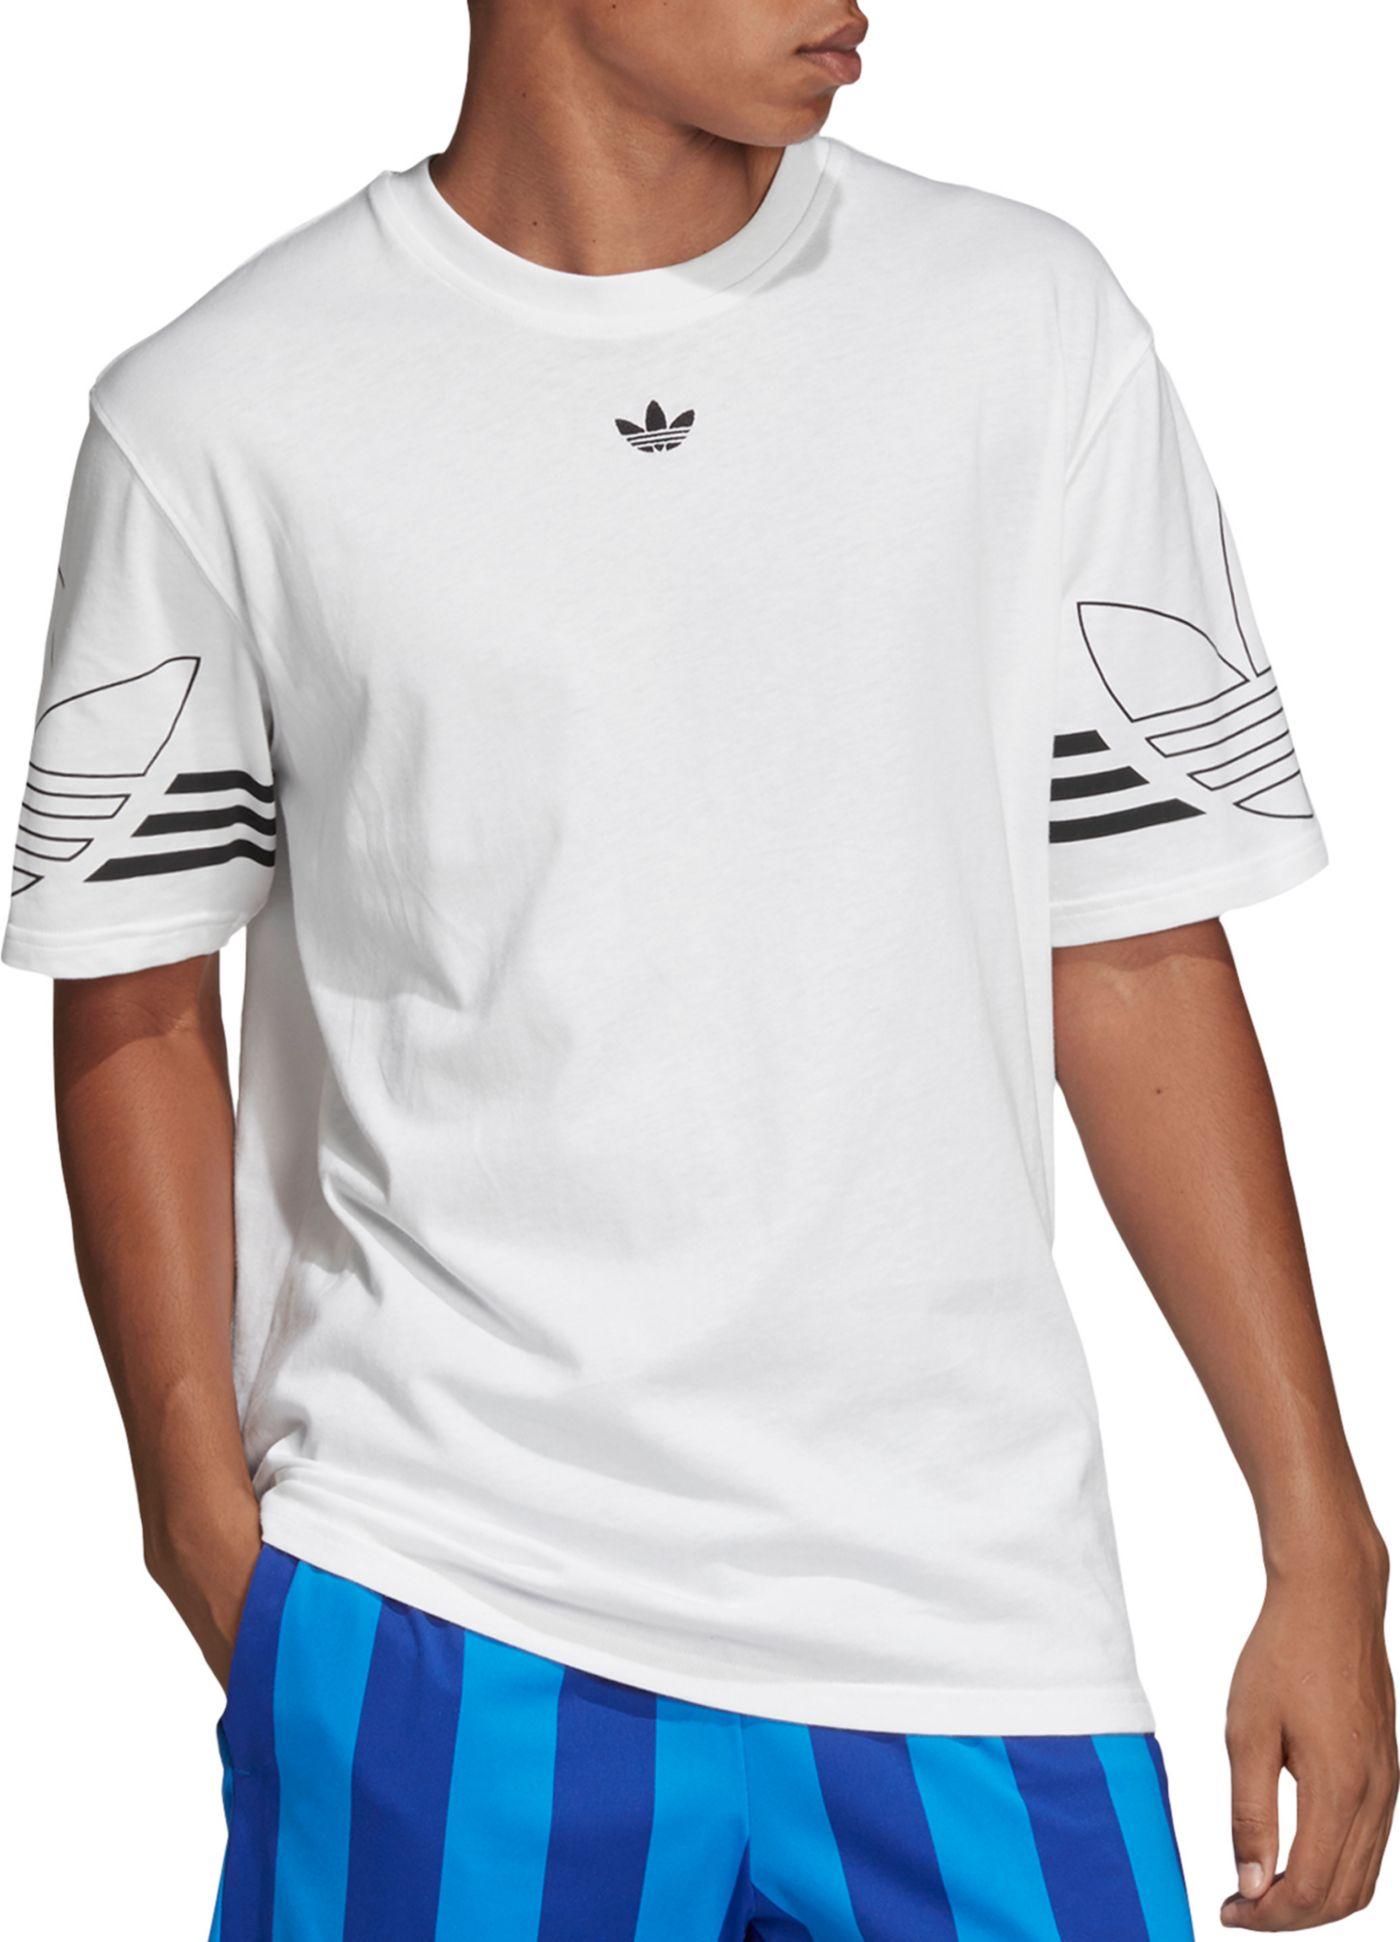 adidas Originals Men's Outline T-Shirt